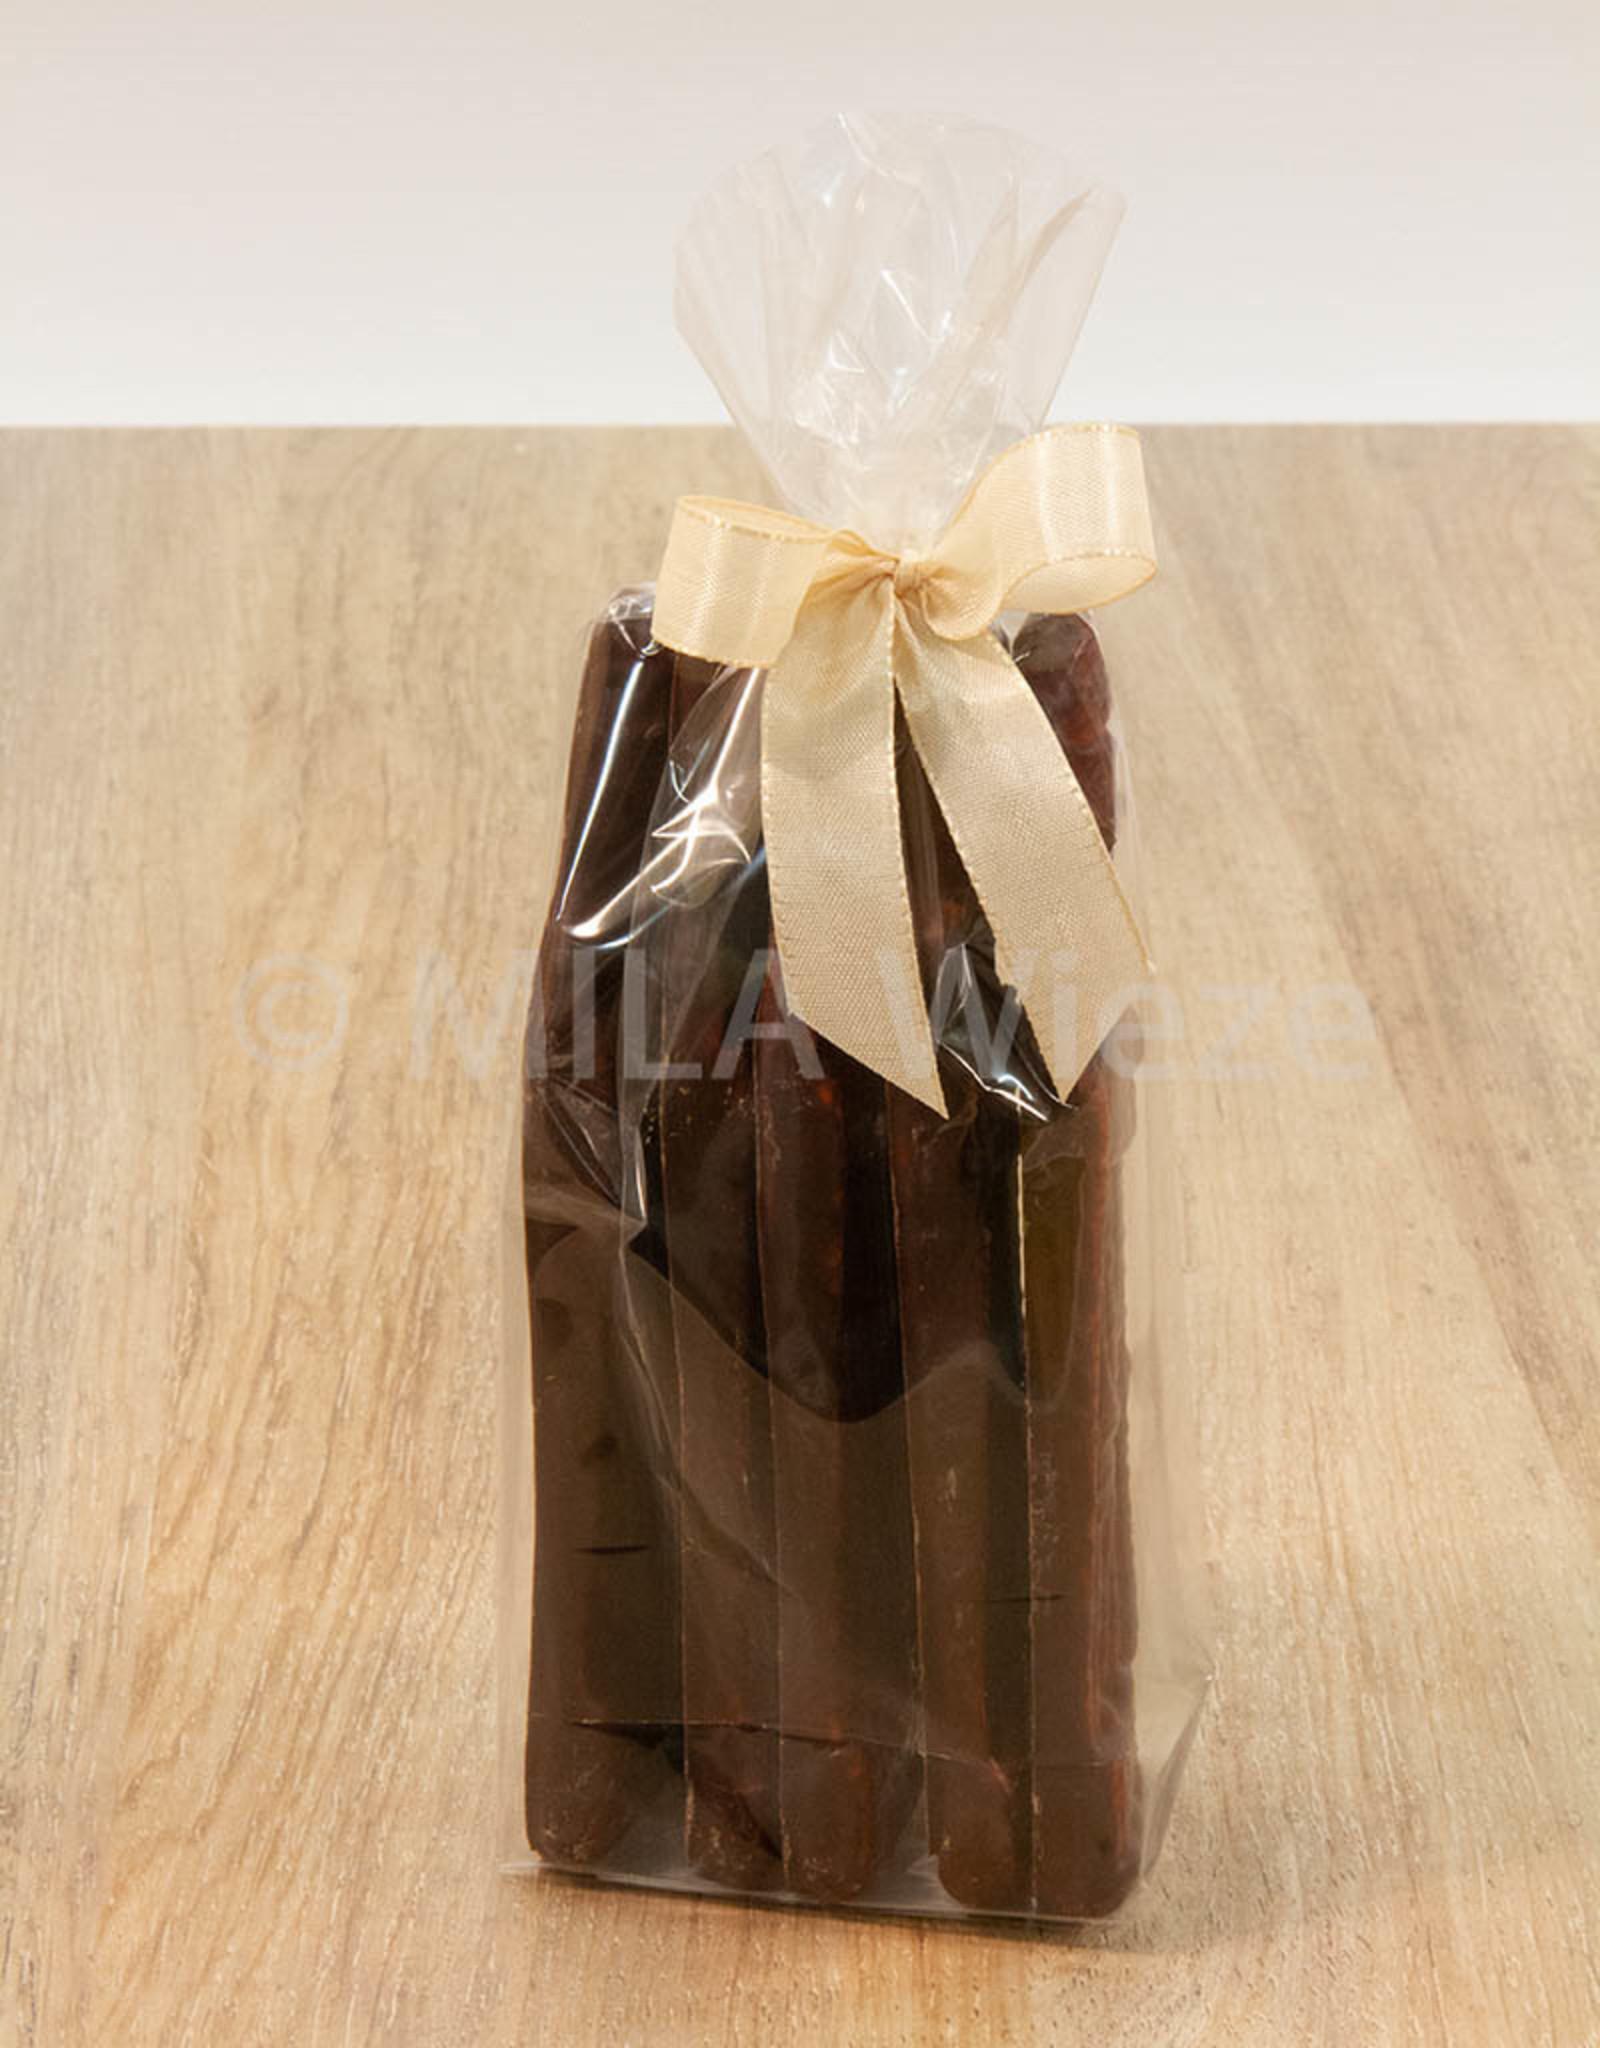 Guimauve sint gechocolateerd - 5 stuks